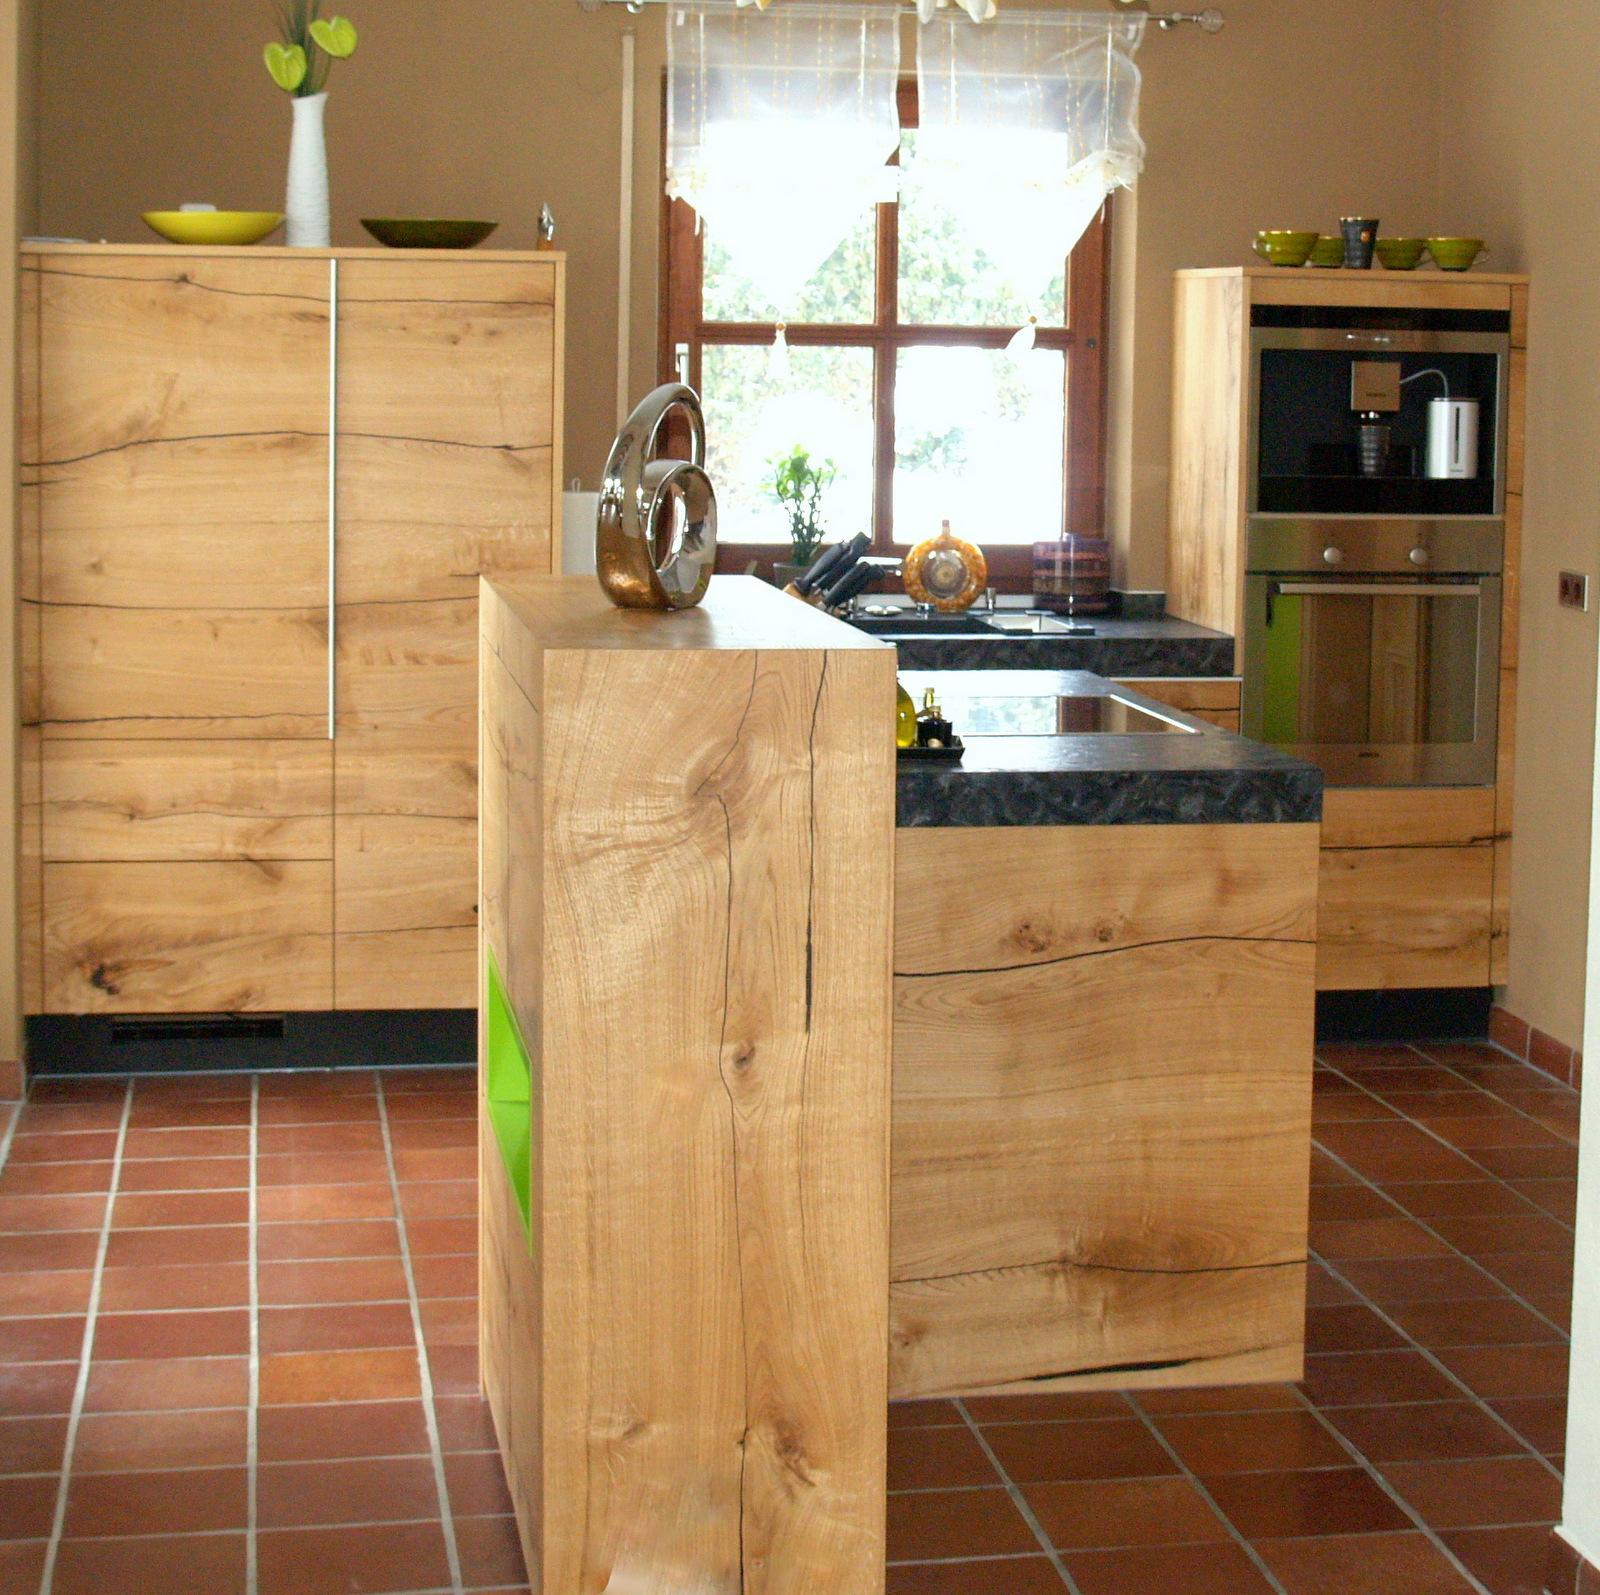 kleine k chen bilder ideen couchstyle. Black Bedroom Furniture Sets. Home Design Ideas